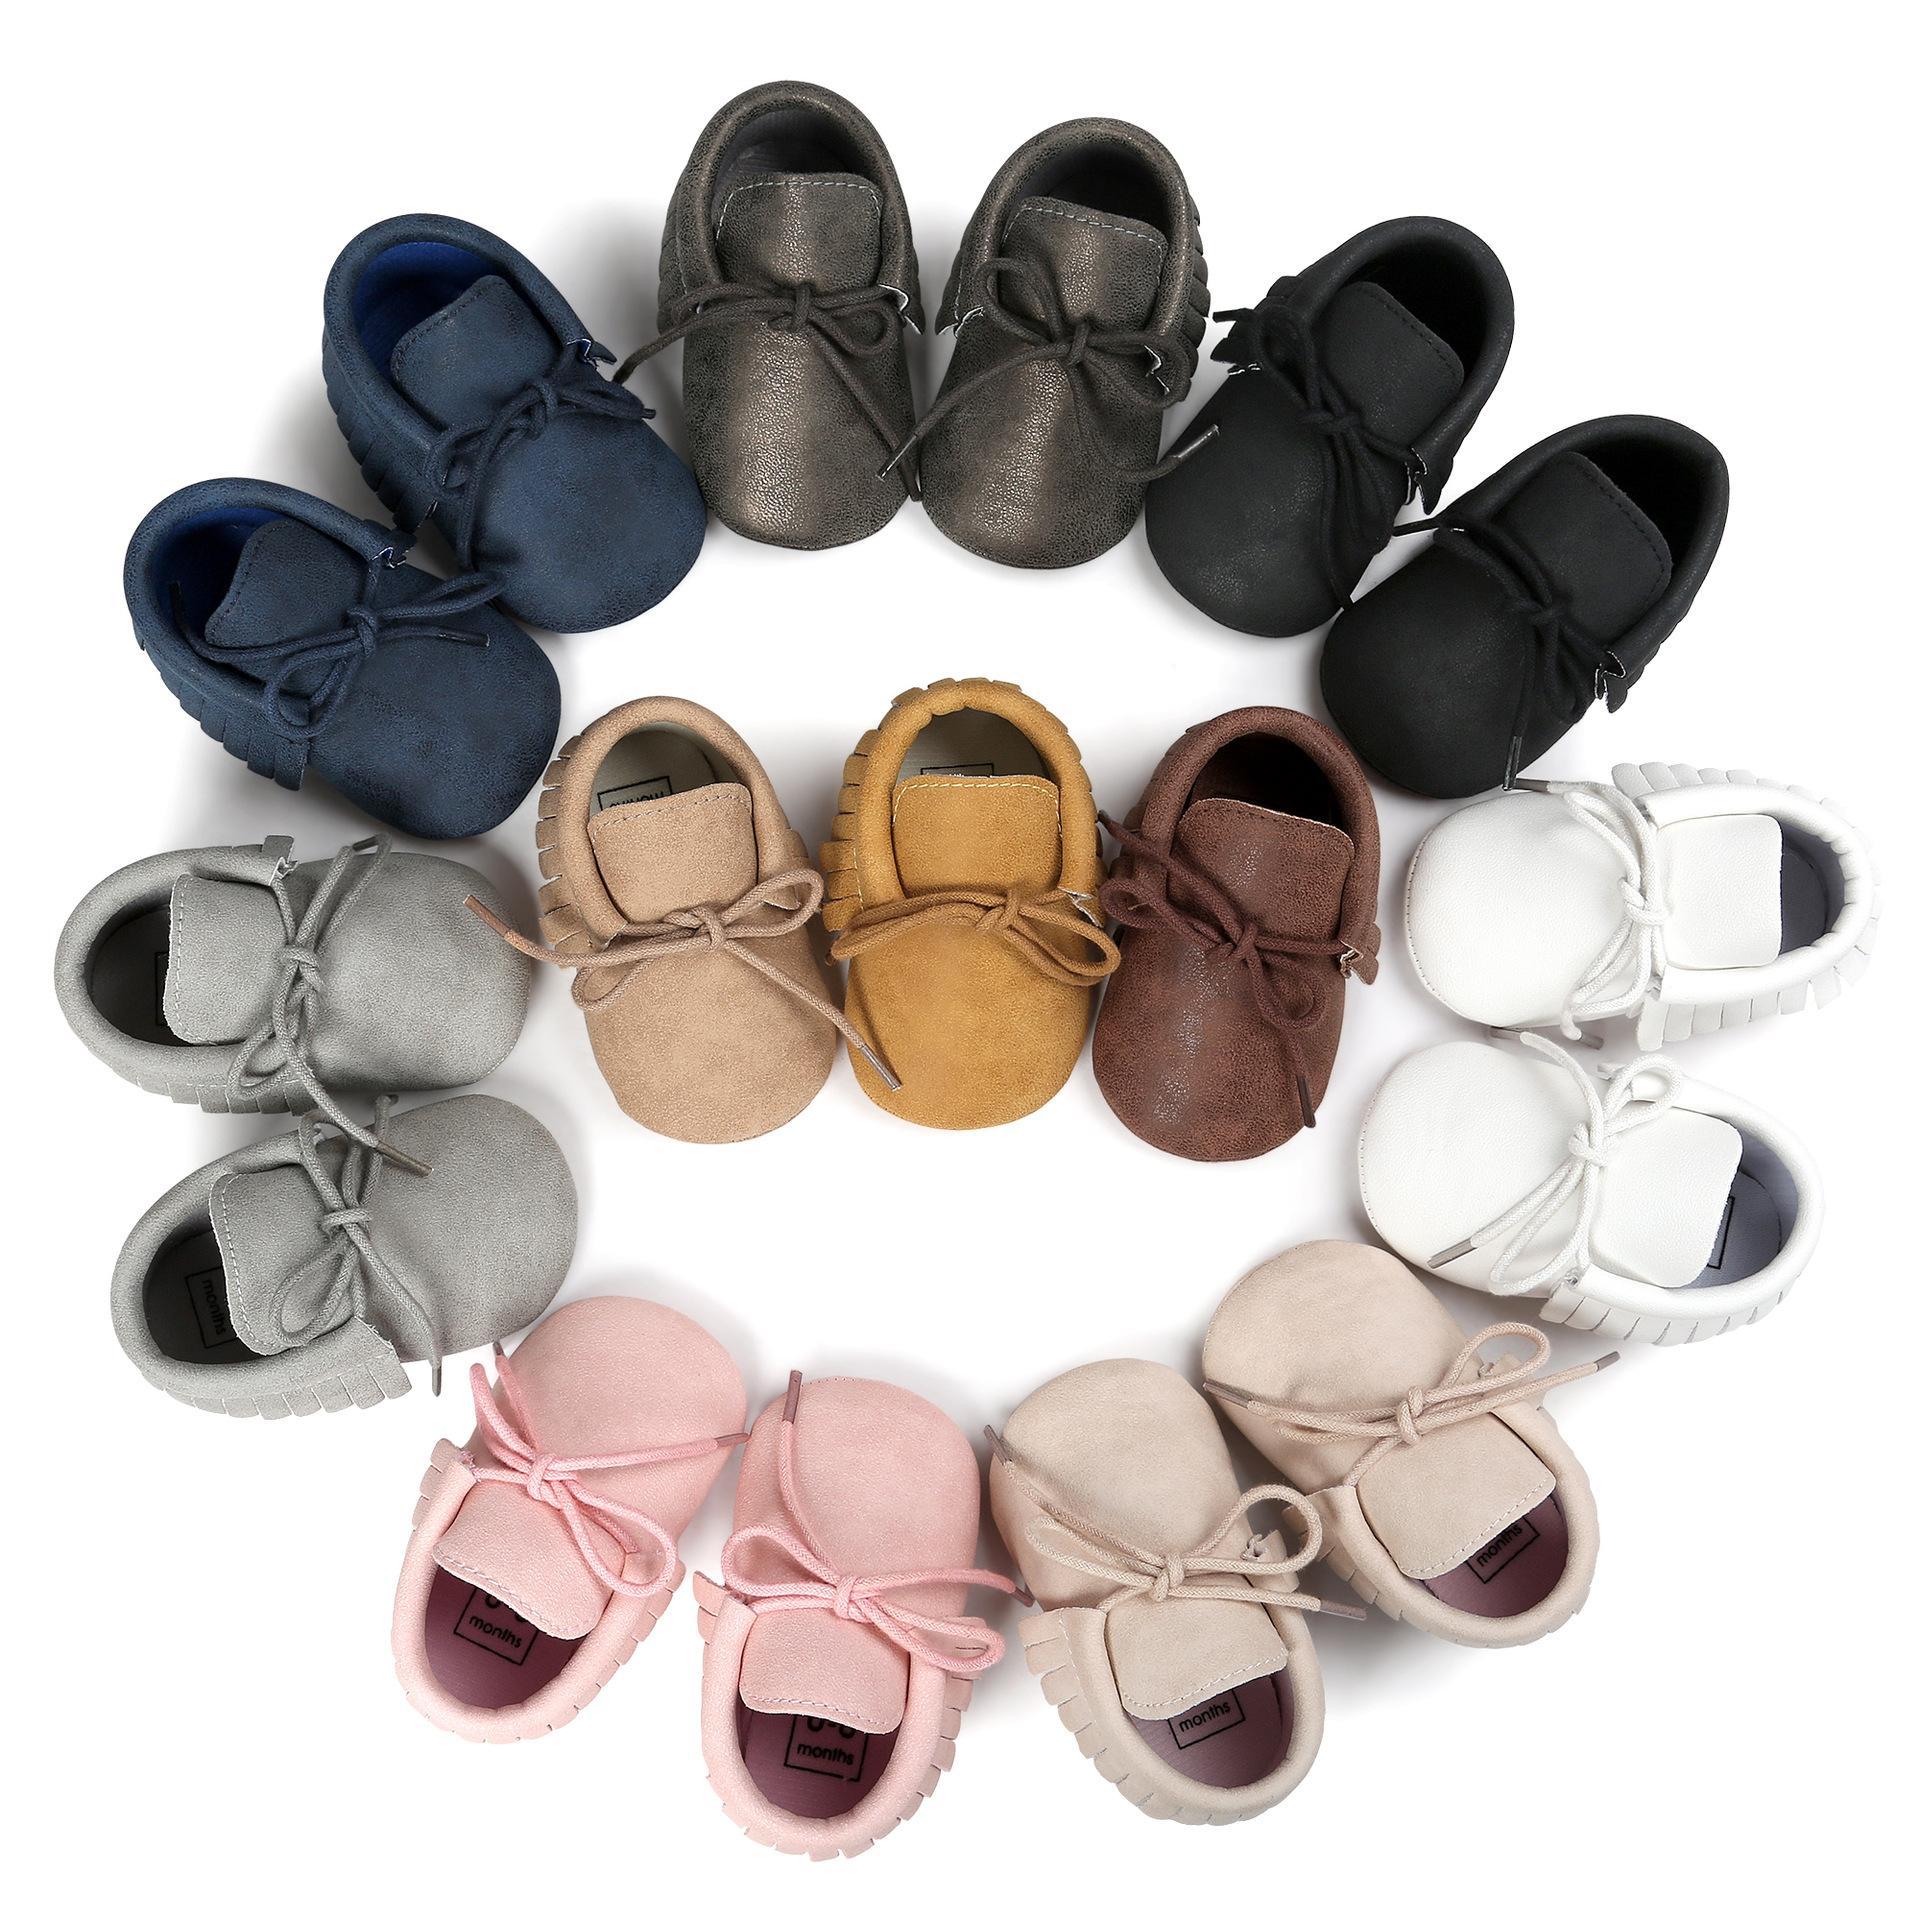 6 Renkler Bahar Bebek Ayakkabı PU Deri Yenidoğan Boy Kız Kaymaz Acemi Walker Bebek Ayakkabı